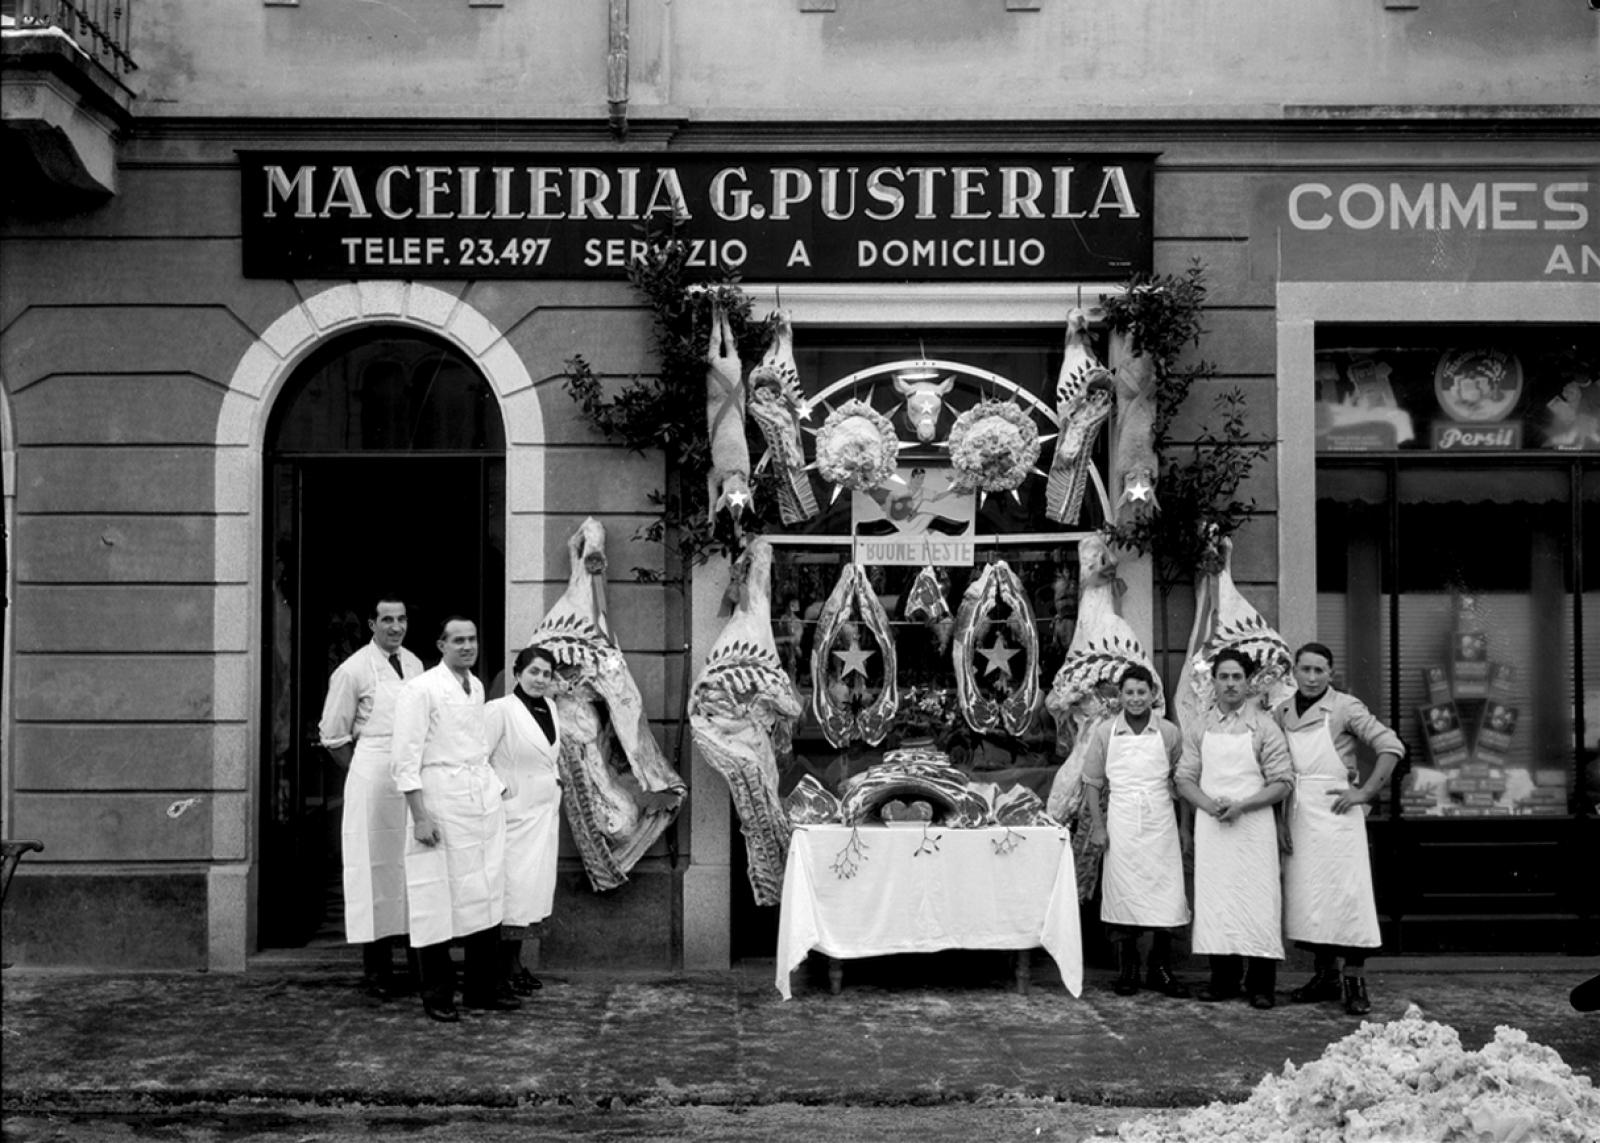 Ricordi Vetrina natalizia della Macelleria Pusterla a Lugano, 1939,